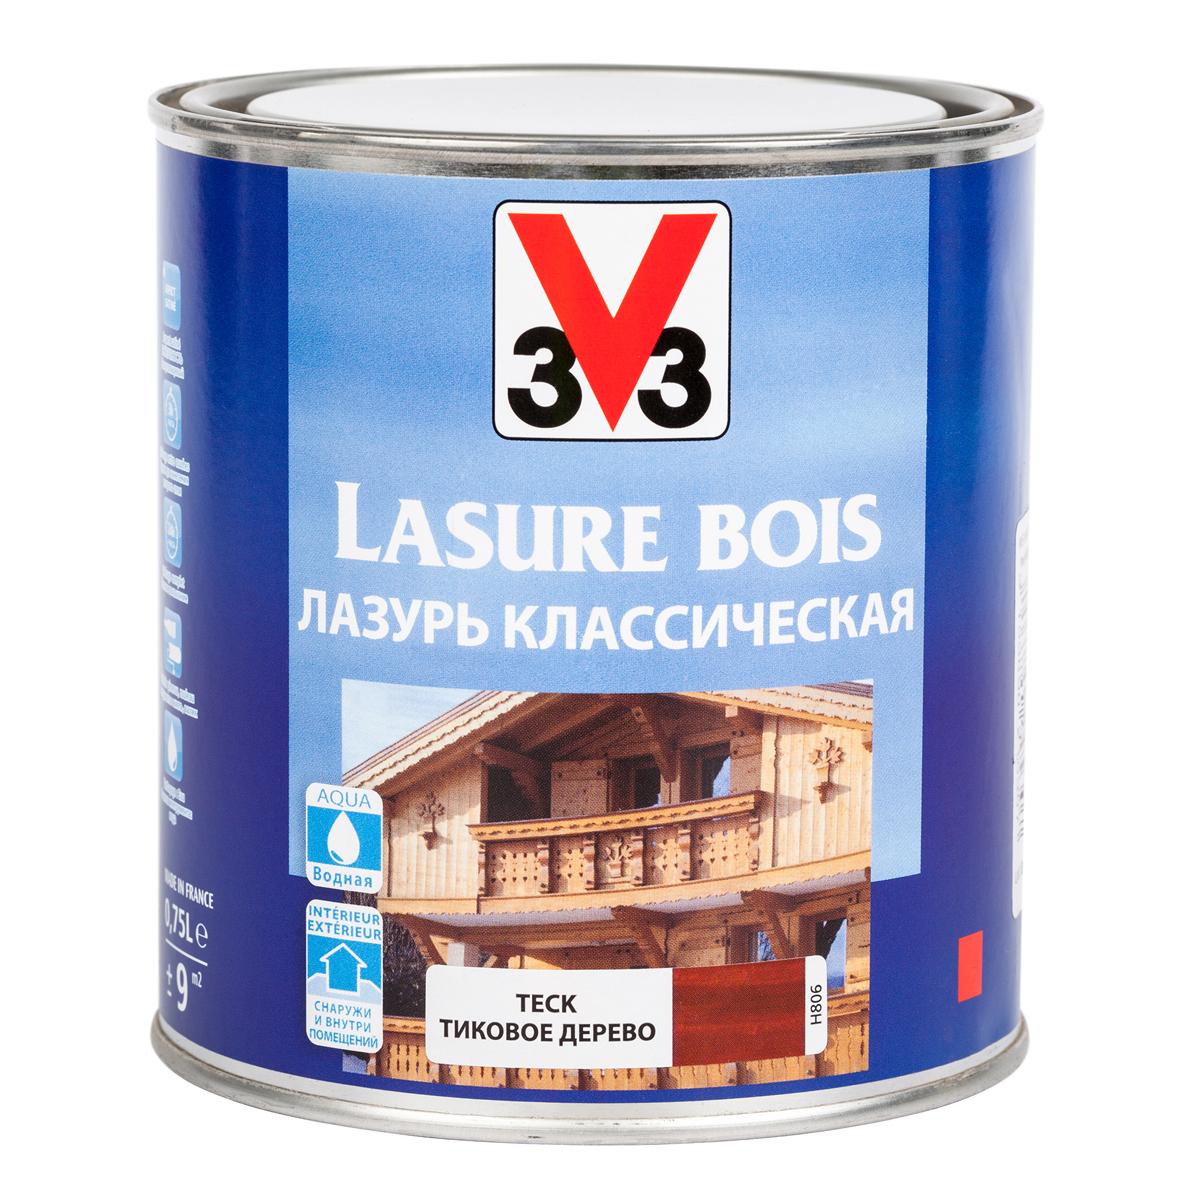 """Лазурь для защиты древесины V33 """"Классическая"""", цвет: тиковое дерево, на водной основе, 750 мл 51803"""